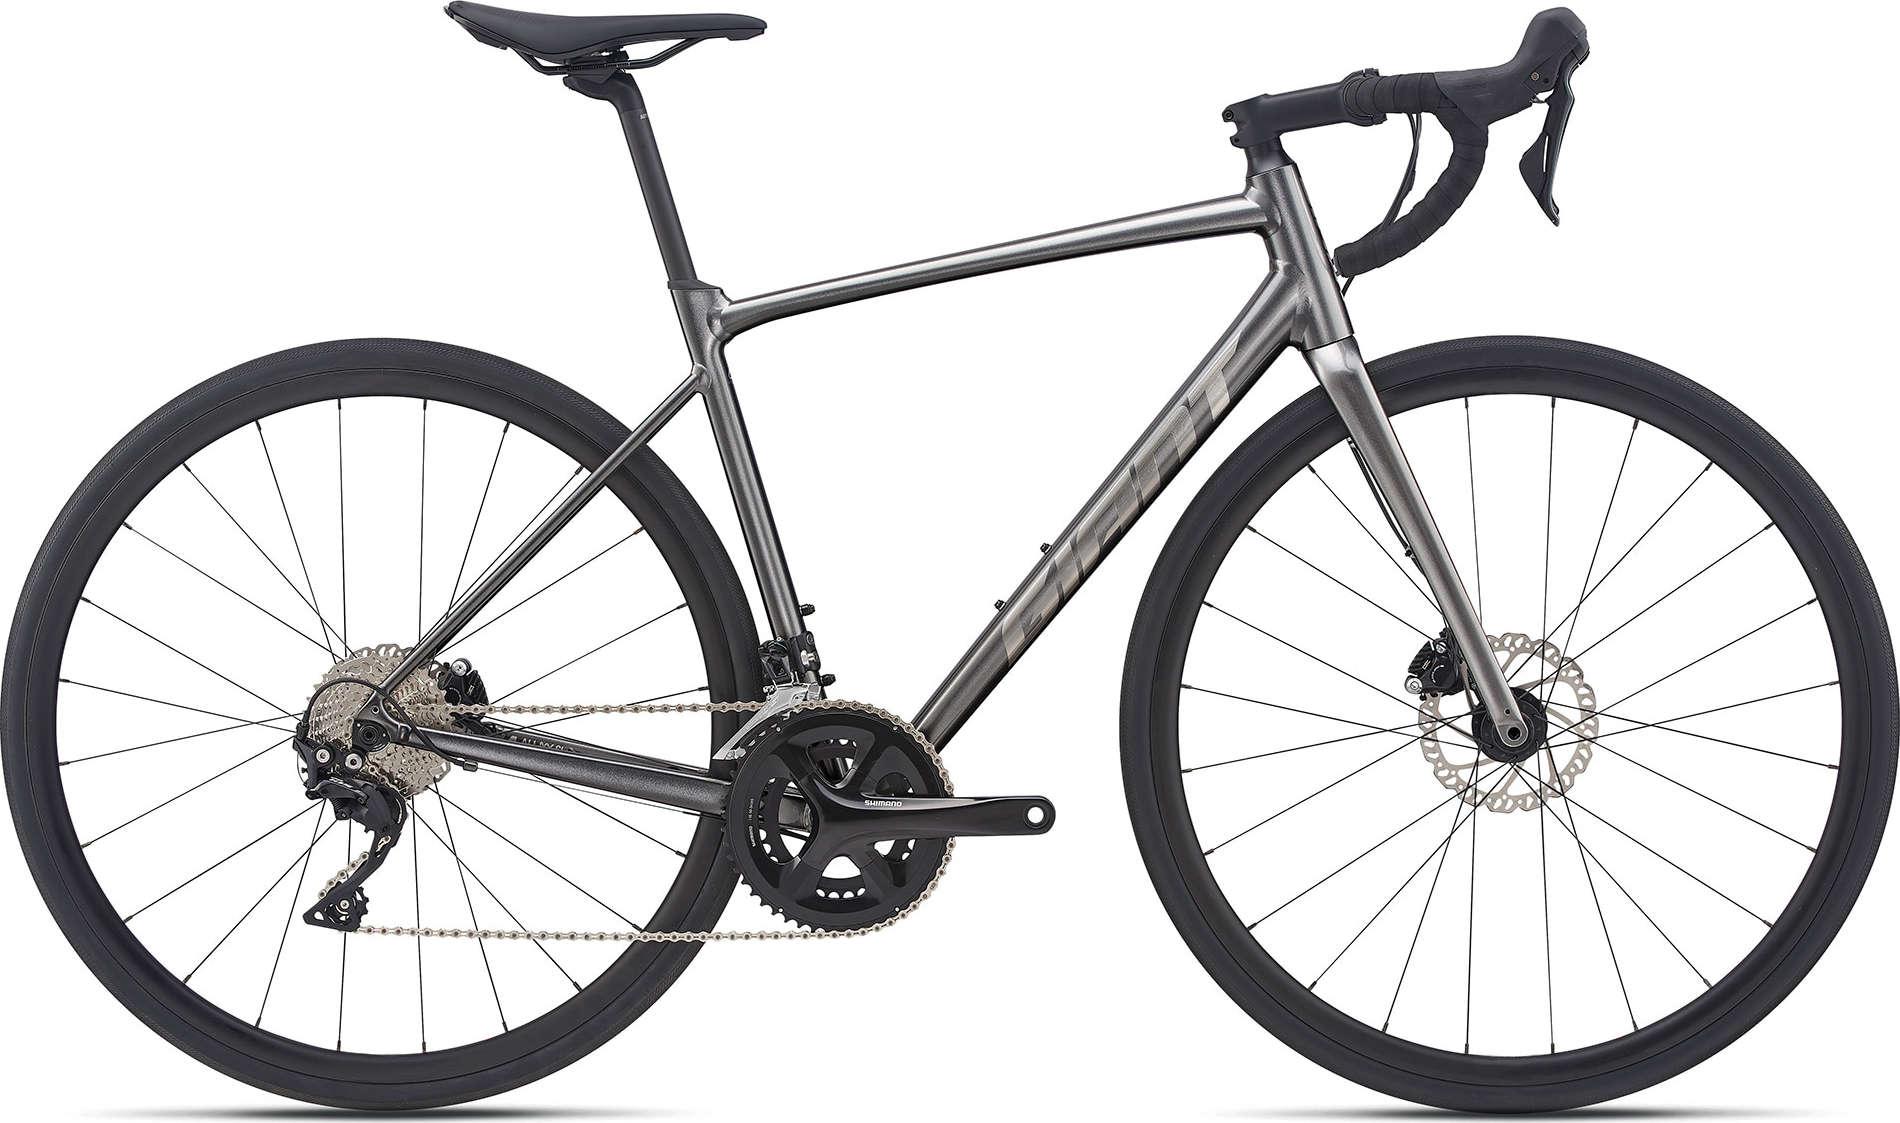 Giant Contend SL 1 Disc Road Bike – 2021